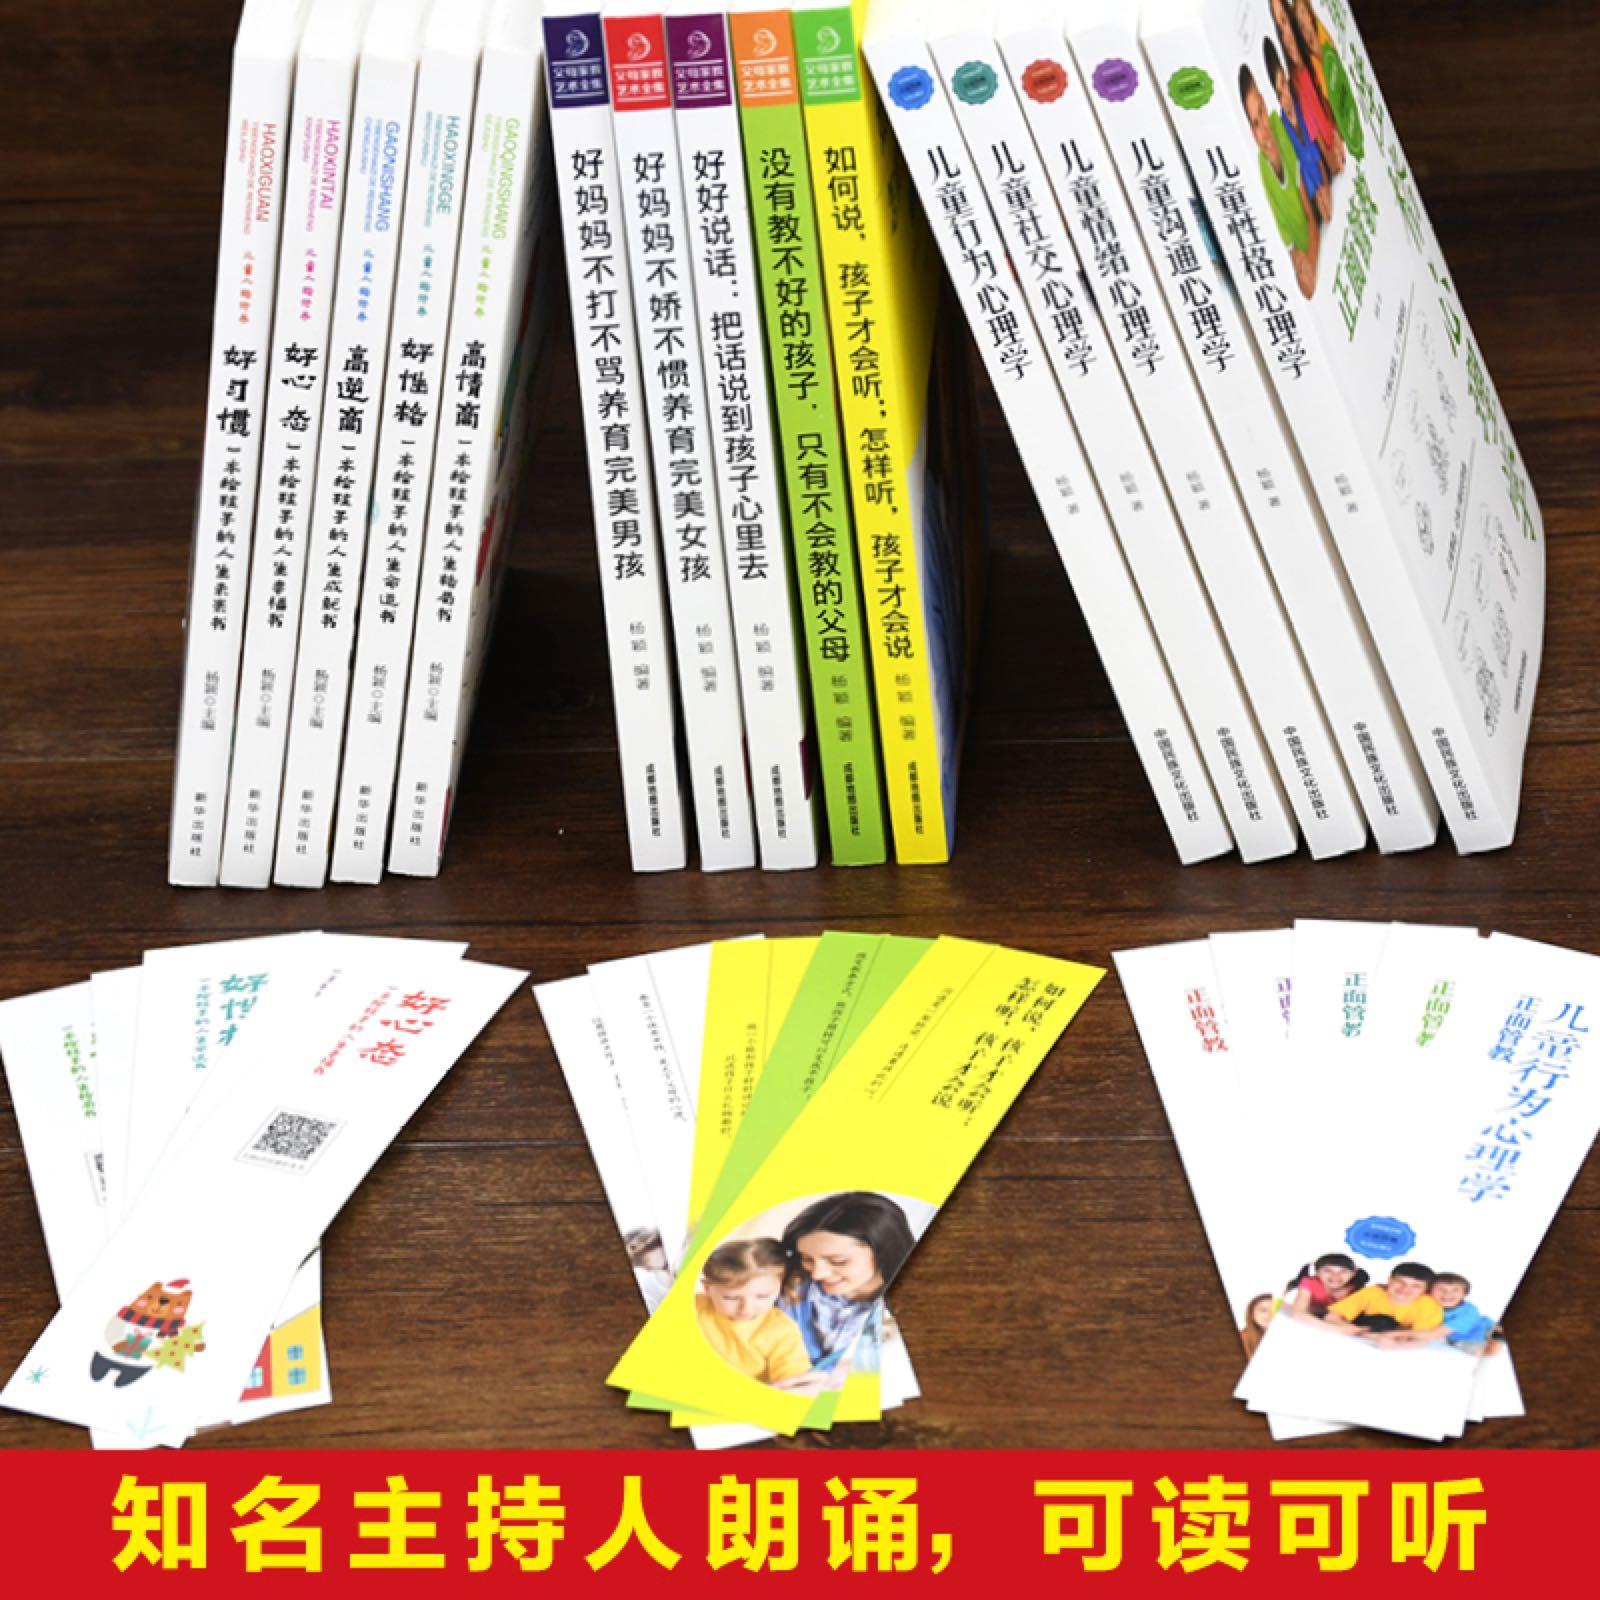 全15册】正面管教儿童行为心理学育儿书籍正版父母必读好妈妈胜过好老师正版不吼不叫培养如何说好孩子才能听家庭教育孩子的书籍